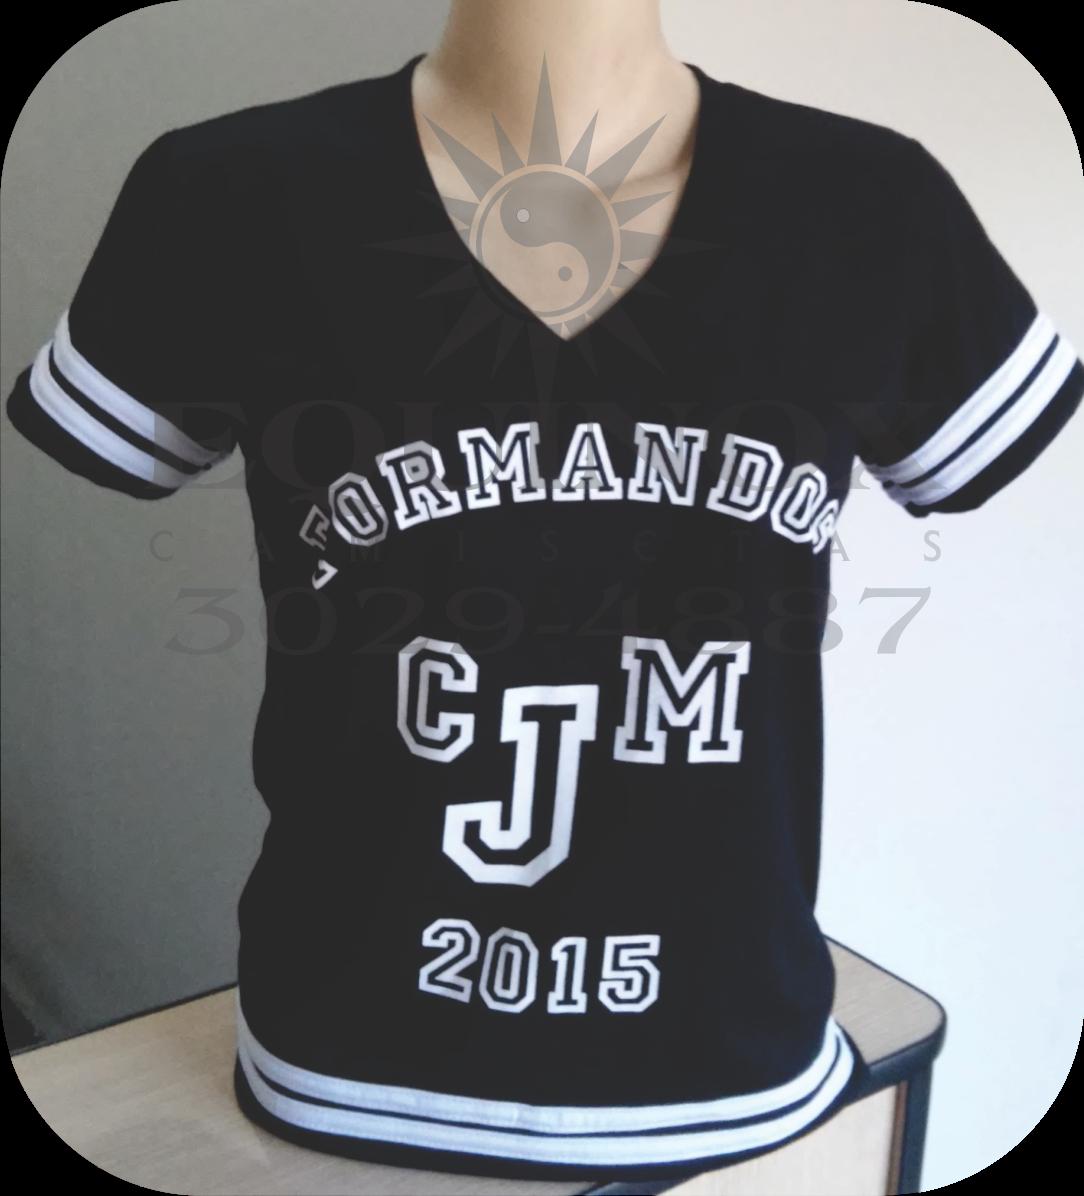 cff924f01 Formandos Futebol Americano. Essa Camiseta é a grande tendência para 2015 e  nós já entregamos uma remessa. Faça seu orçamento